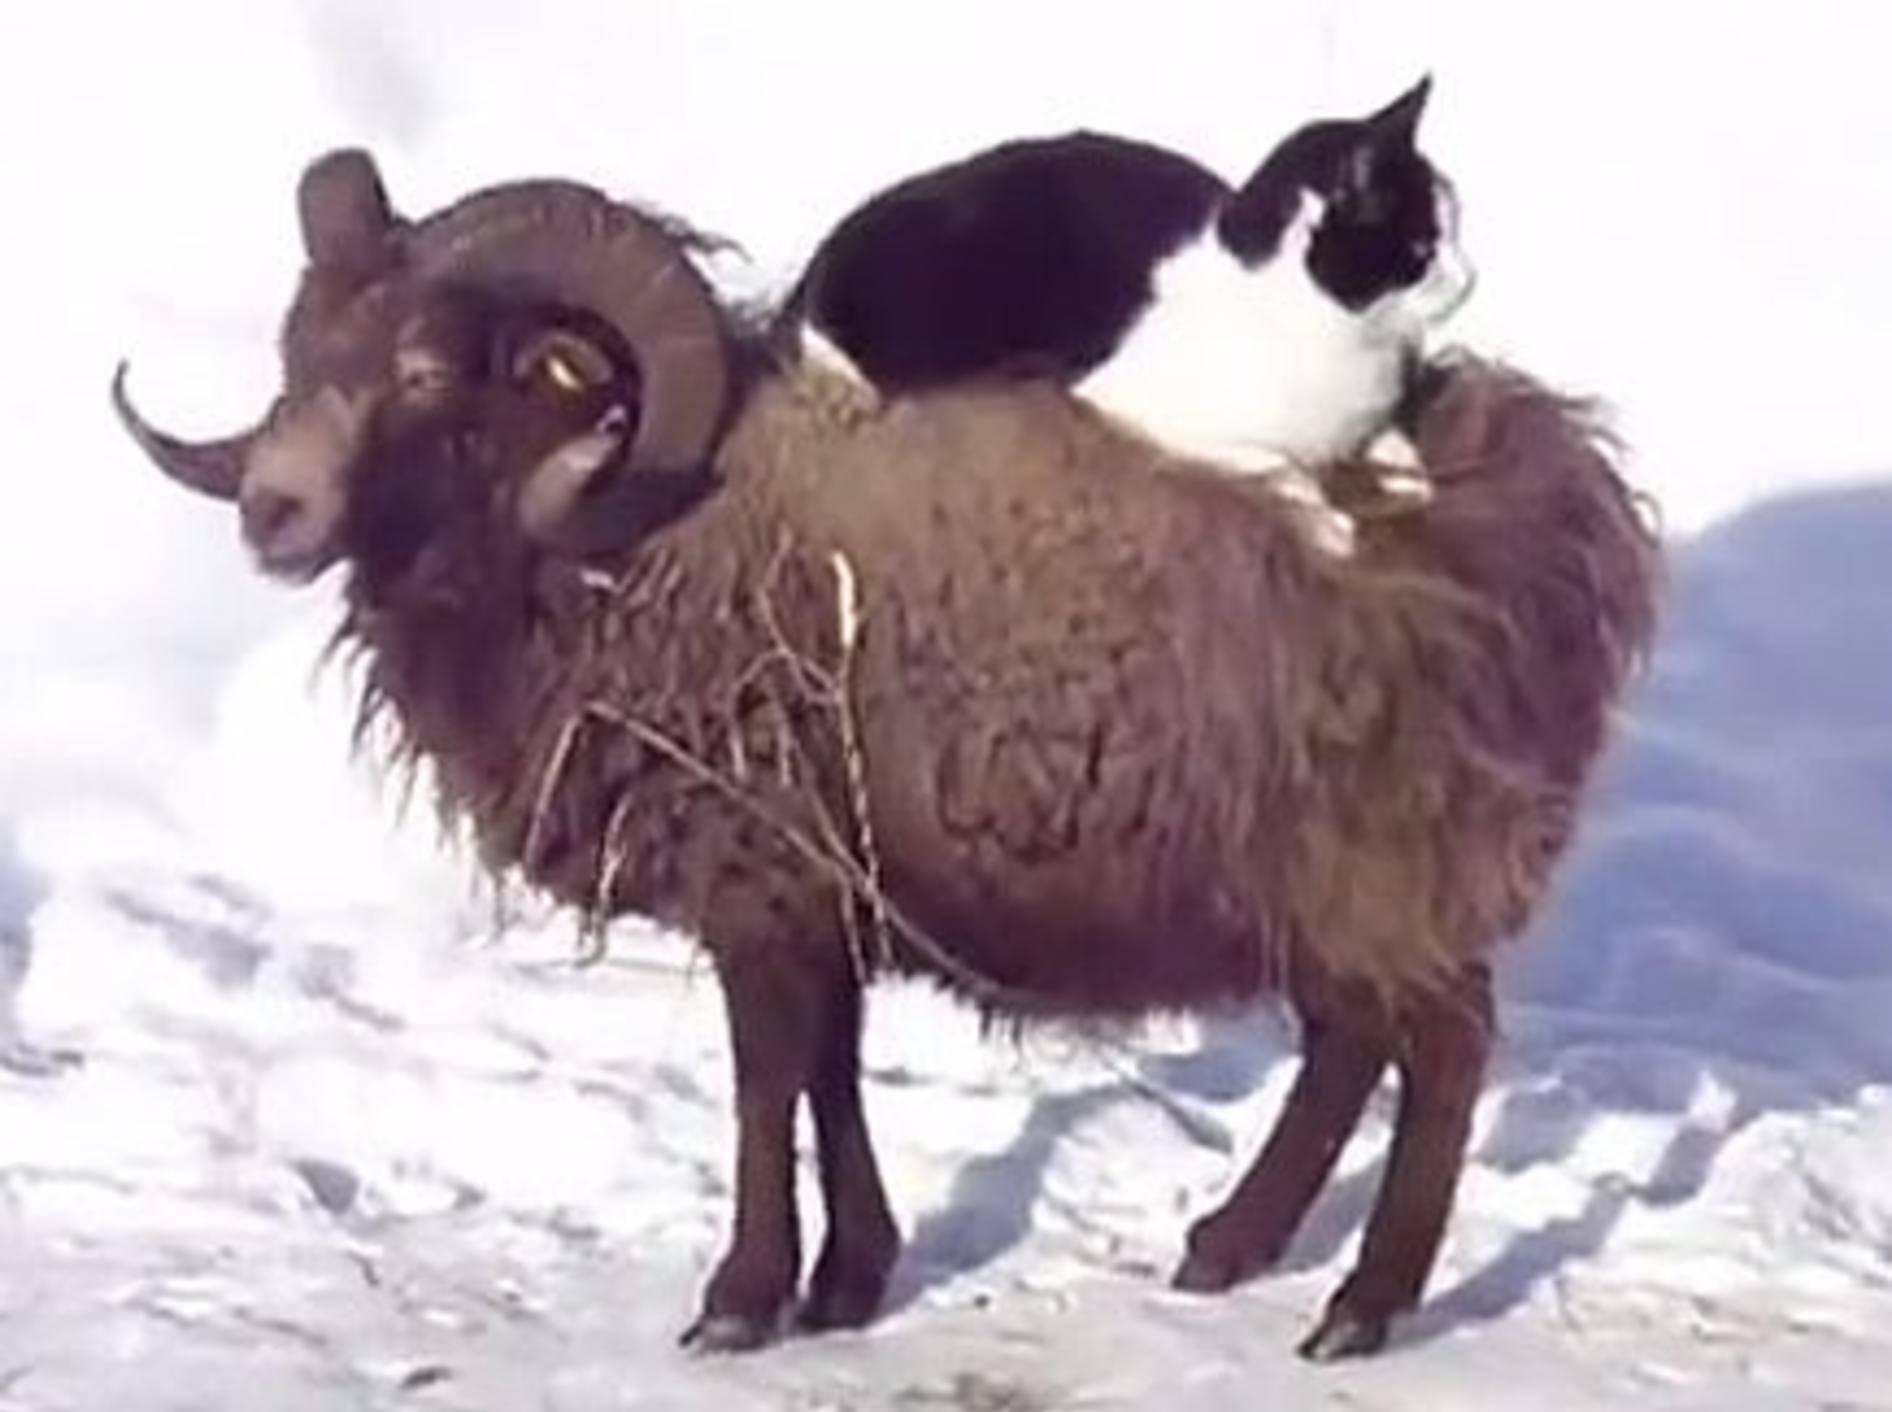 Bezaubernd: Katze nimmt ein Schafs-Taxi – Bild: Youtube / onecatvideoaday